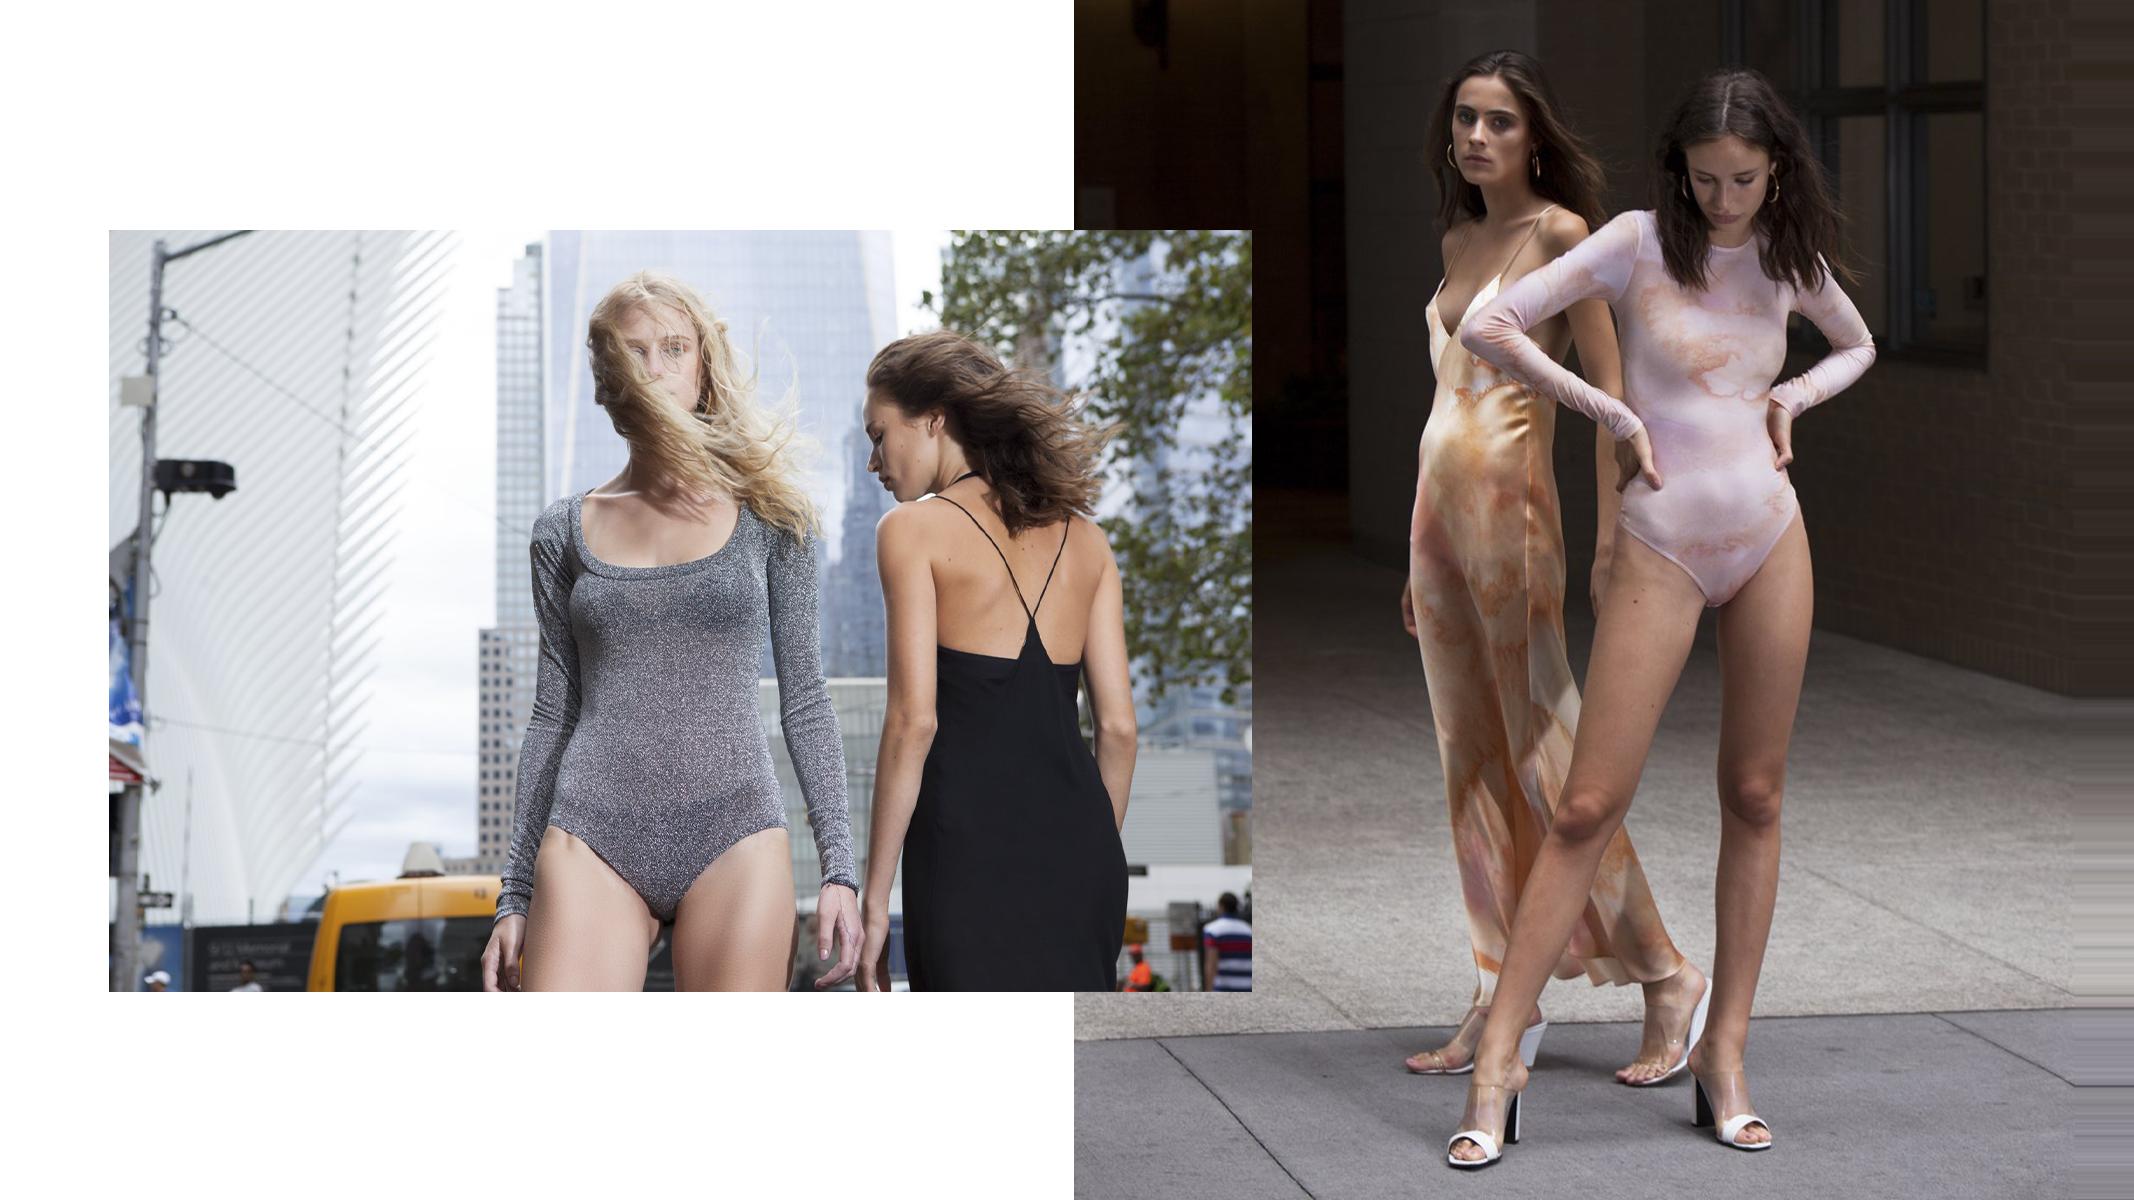 lookbook-17-bodysuit-003-full.jpg